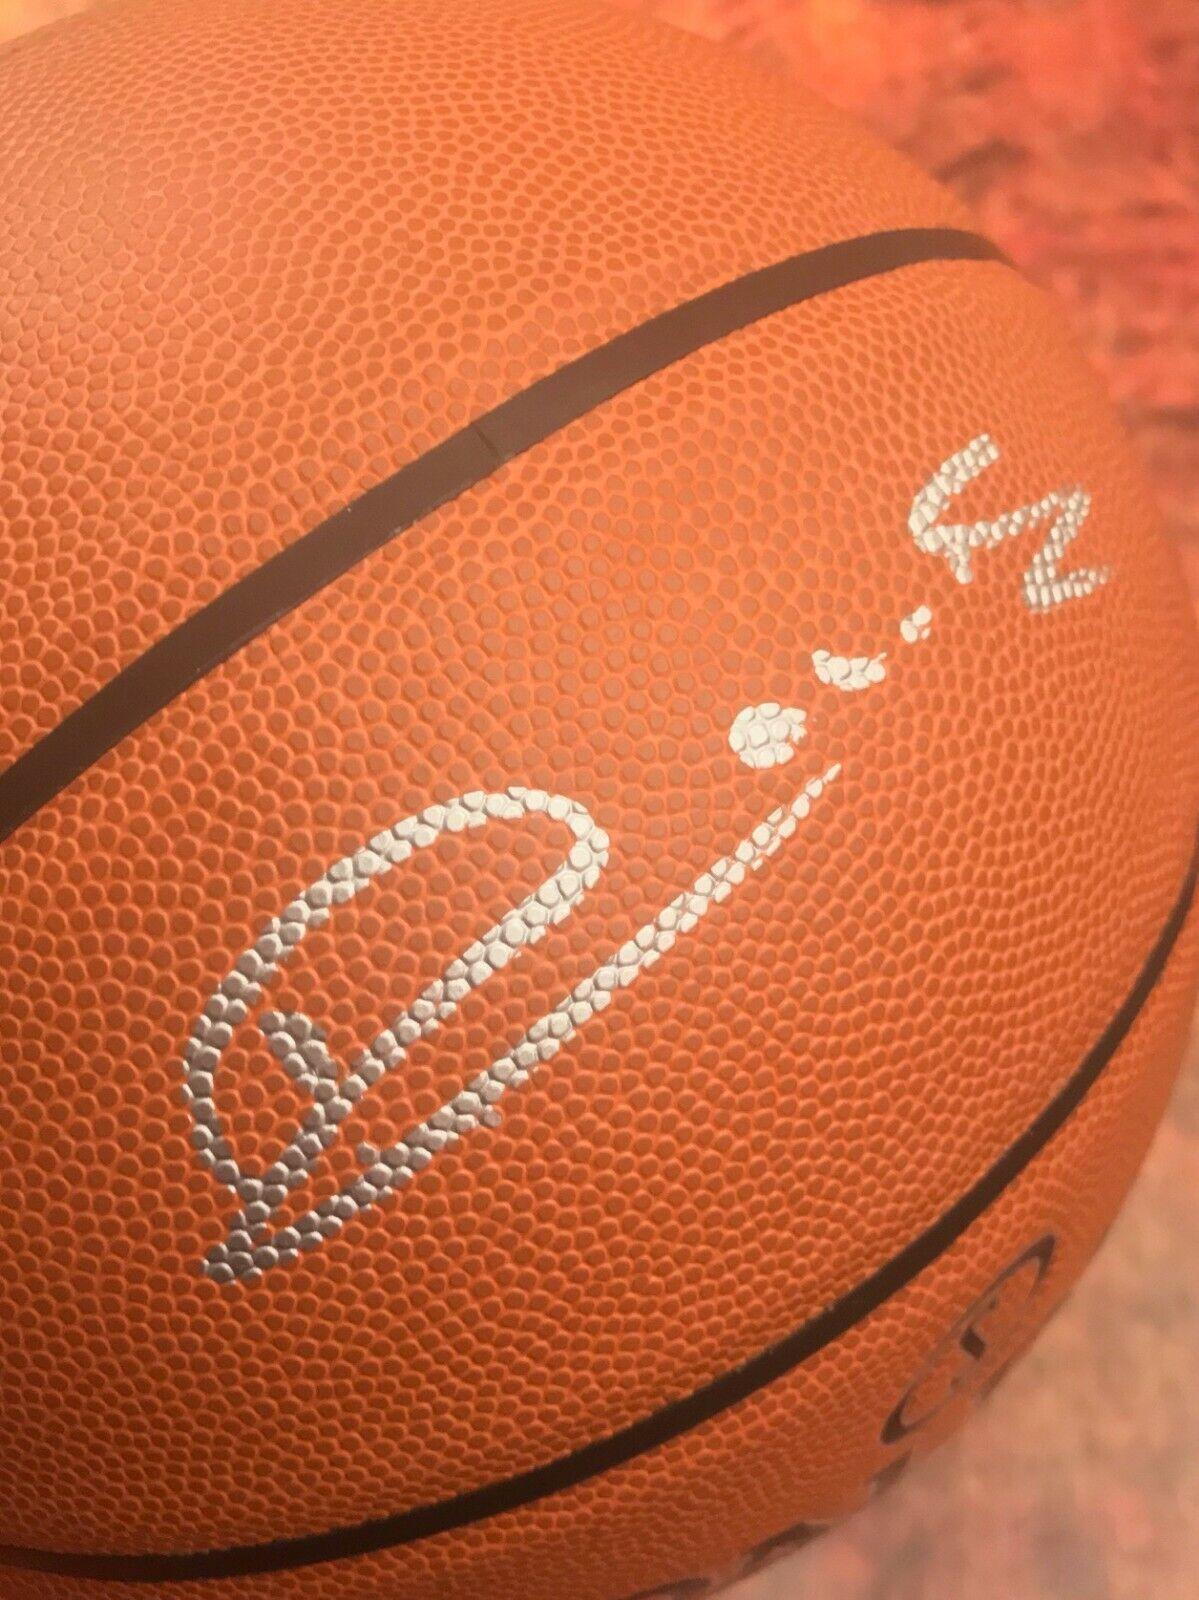 GFA Sacramento Kings Hof Vlade Divac Divac Divac Firmado Autografiado Baloncesto Coa ac008c